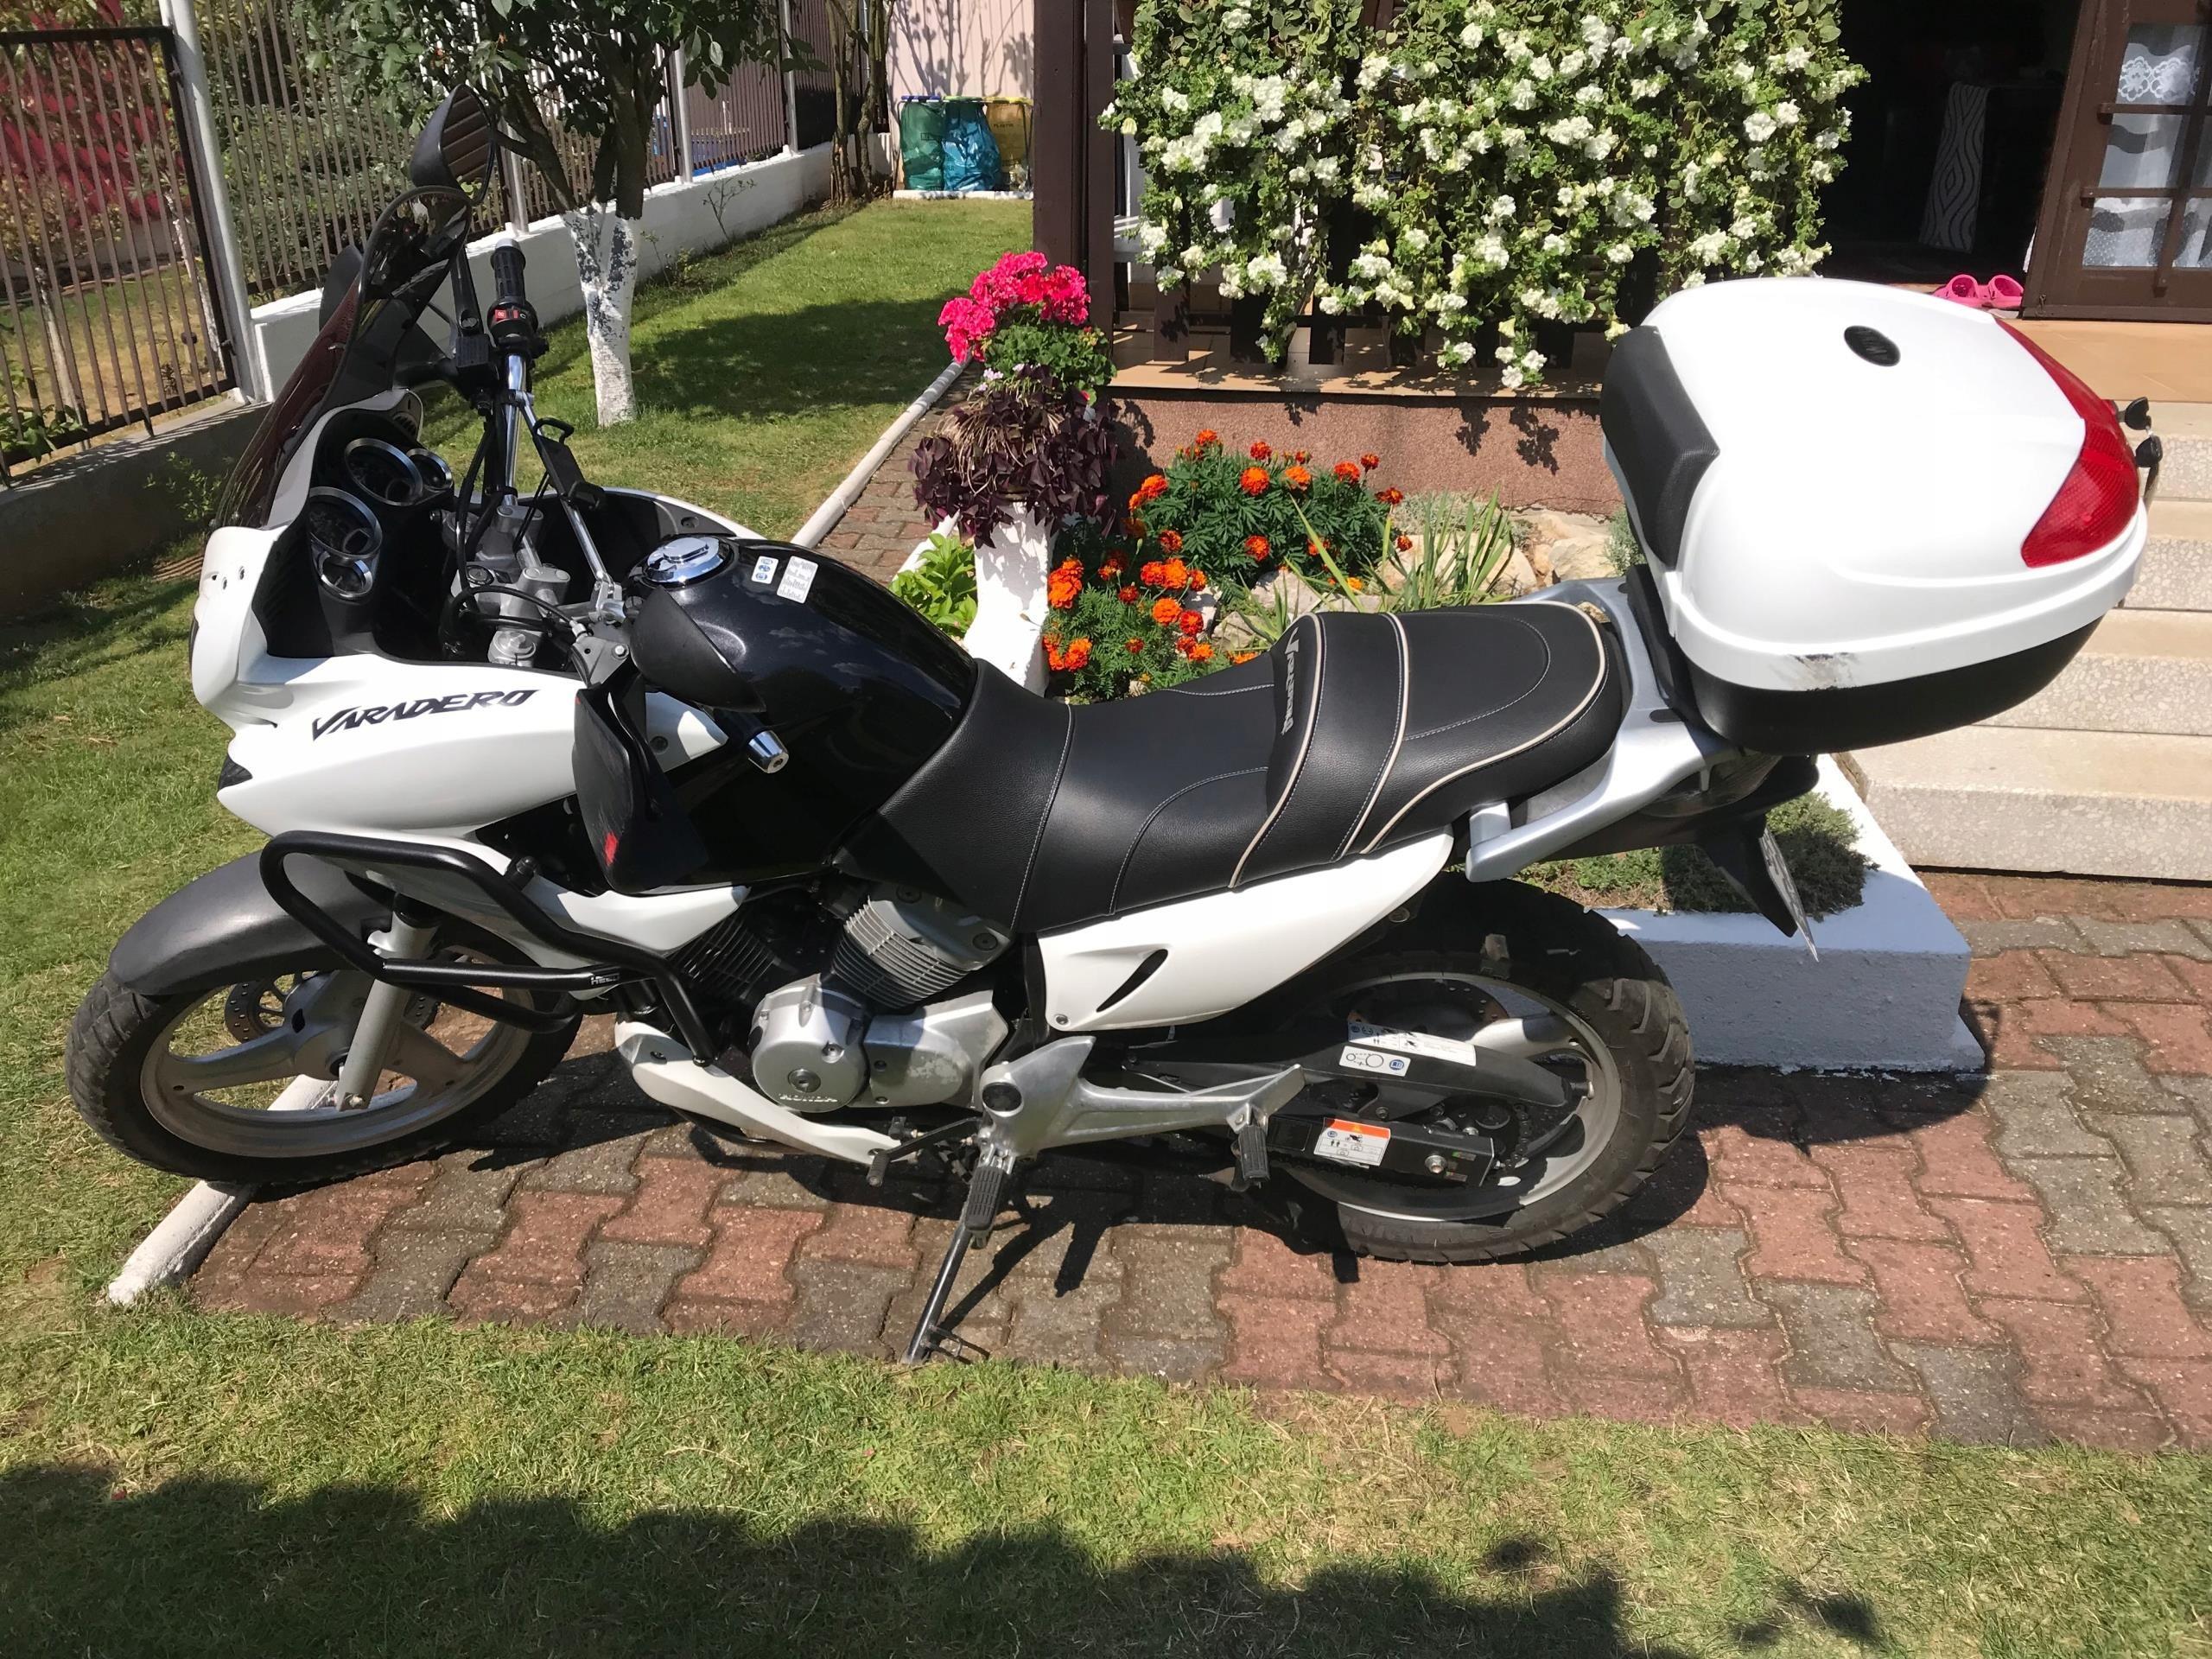 Motor Honda Varadeo 125 Opinie I Ceny Na Ceneo Pl